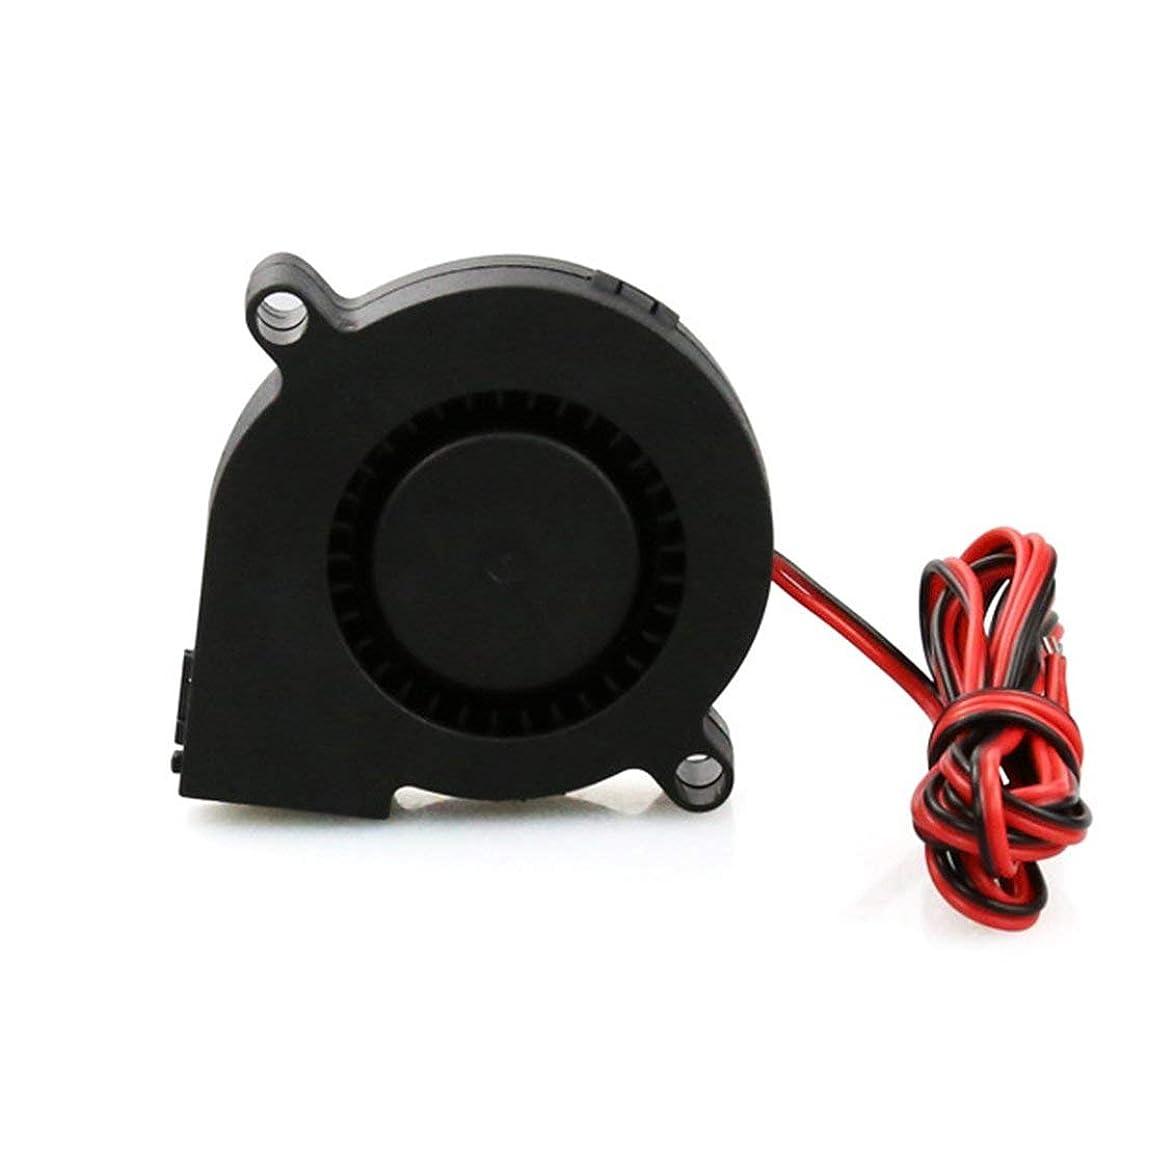 のぞき見だます不適Followmyheart 3Dプリンター部品DC24Vの冷却ファンの超静かなタービン小さいDCの送風機5015のための3DプリンターサーキットボードDC12V 24V